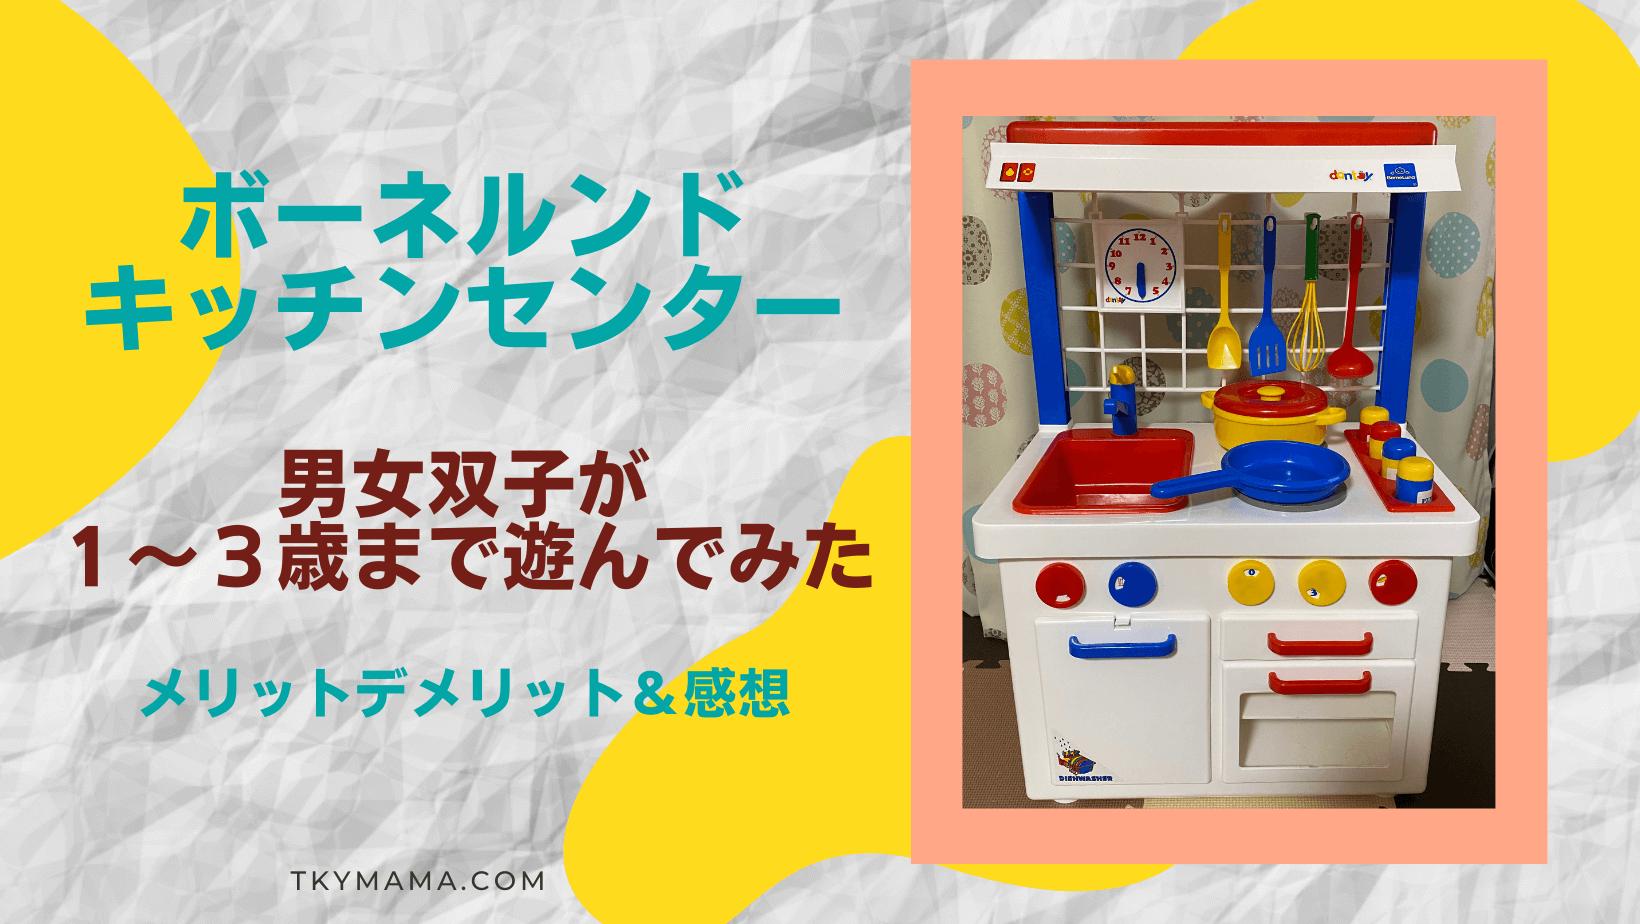 ボーネルンド キッチンセンター 男女双子が 1~3歳まで使用した口コミ!